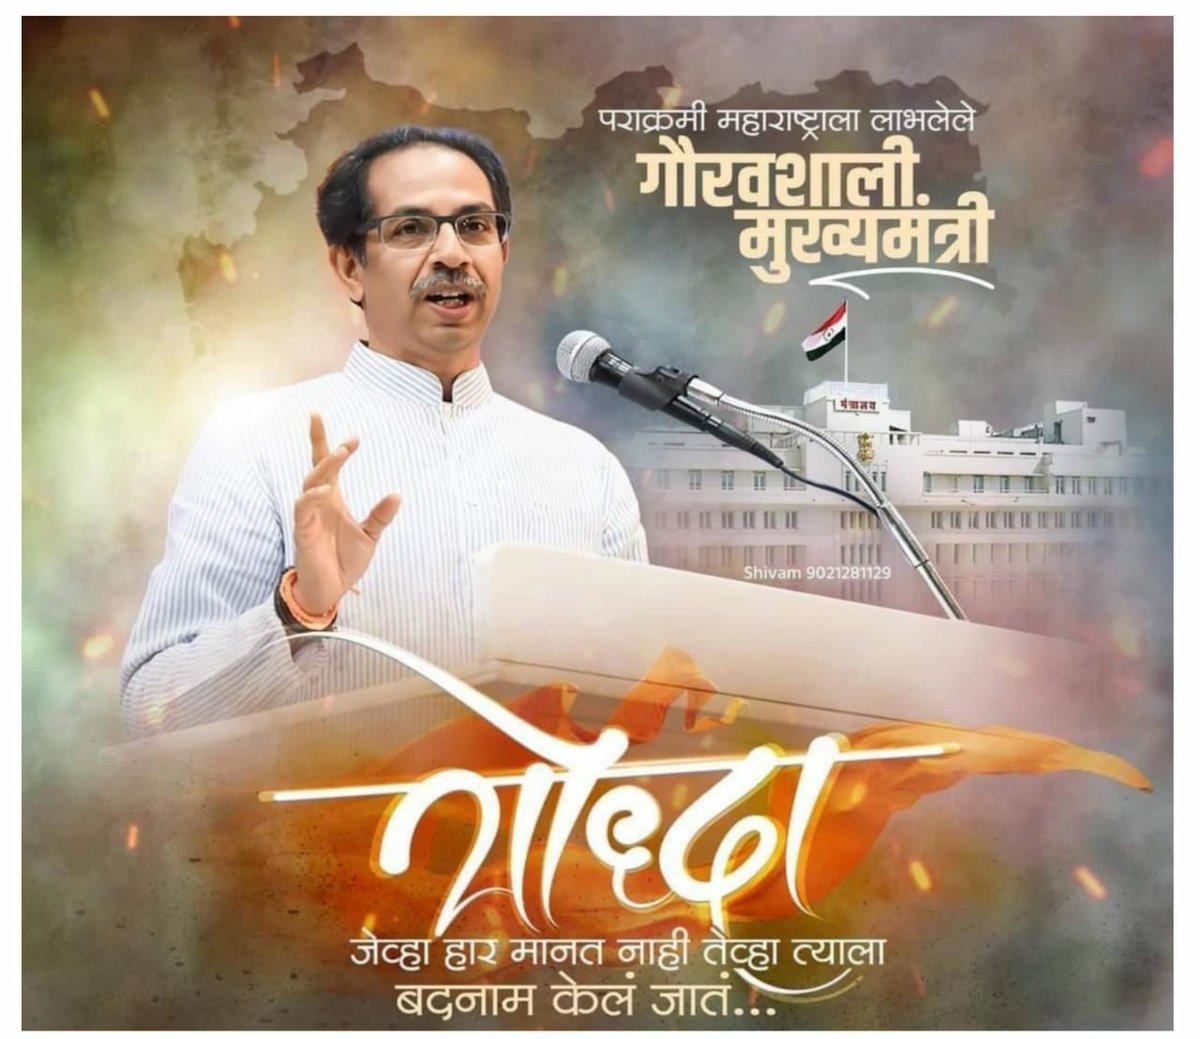 अभिमान आहे आम्हाला आमच्या  मुख्यमंत्र्यांचा ! 🙌🙏@CMOMaharashtra @OfficeofUT #maharashtrawithcm #Maharashtra https://t.co/B3mlTIujac